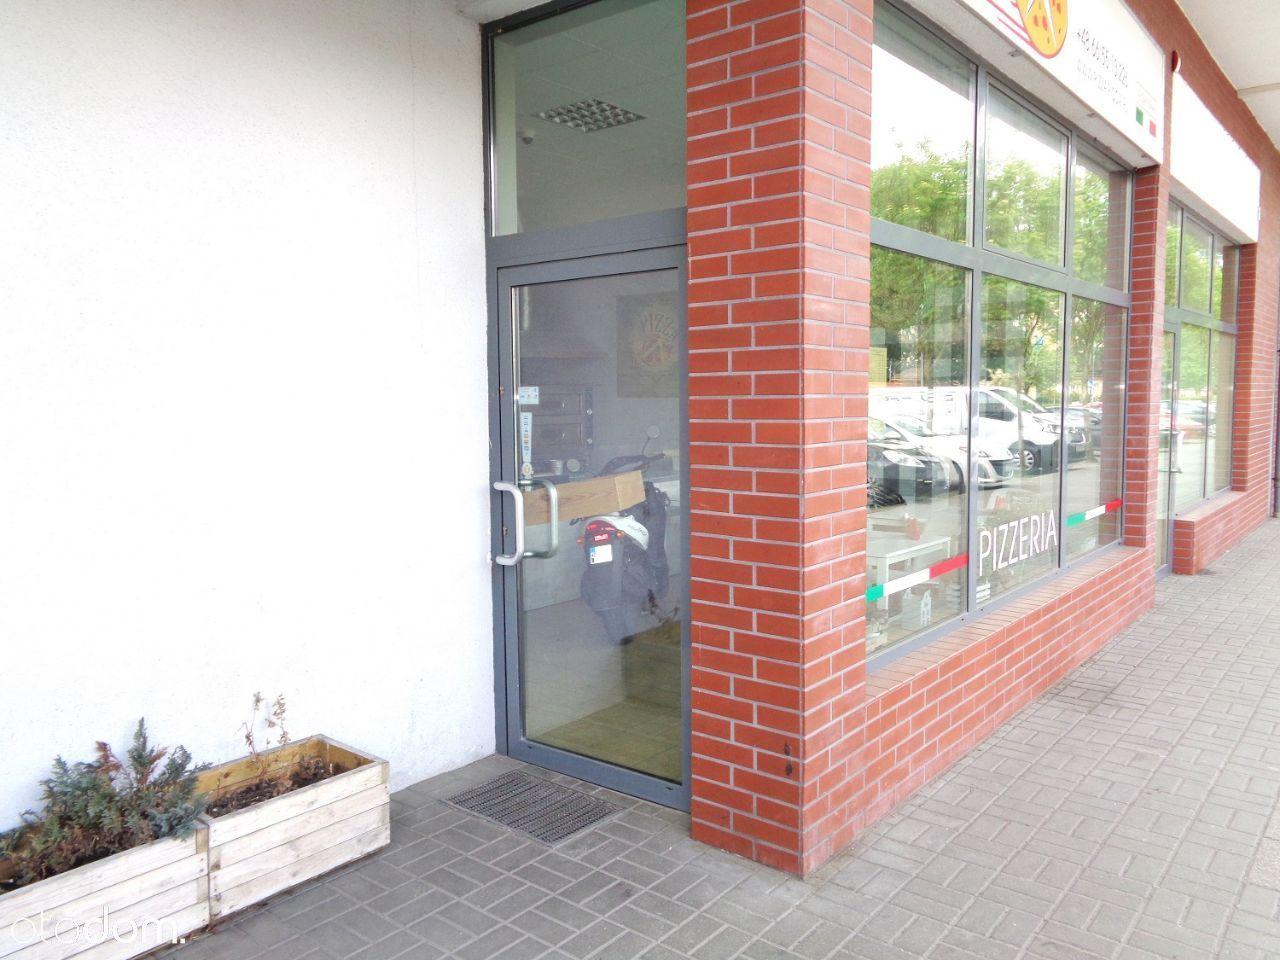 Lokal użytkowy na sprzedaż, Kołobrzeg, Zachodnia - Foto 2